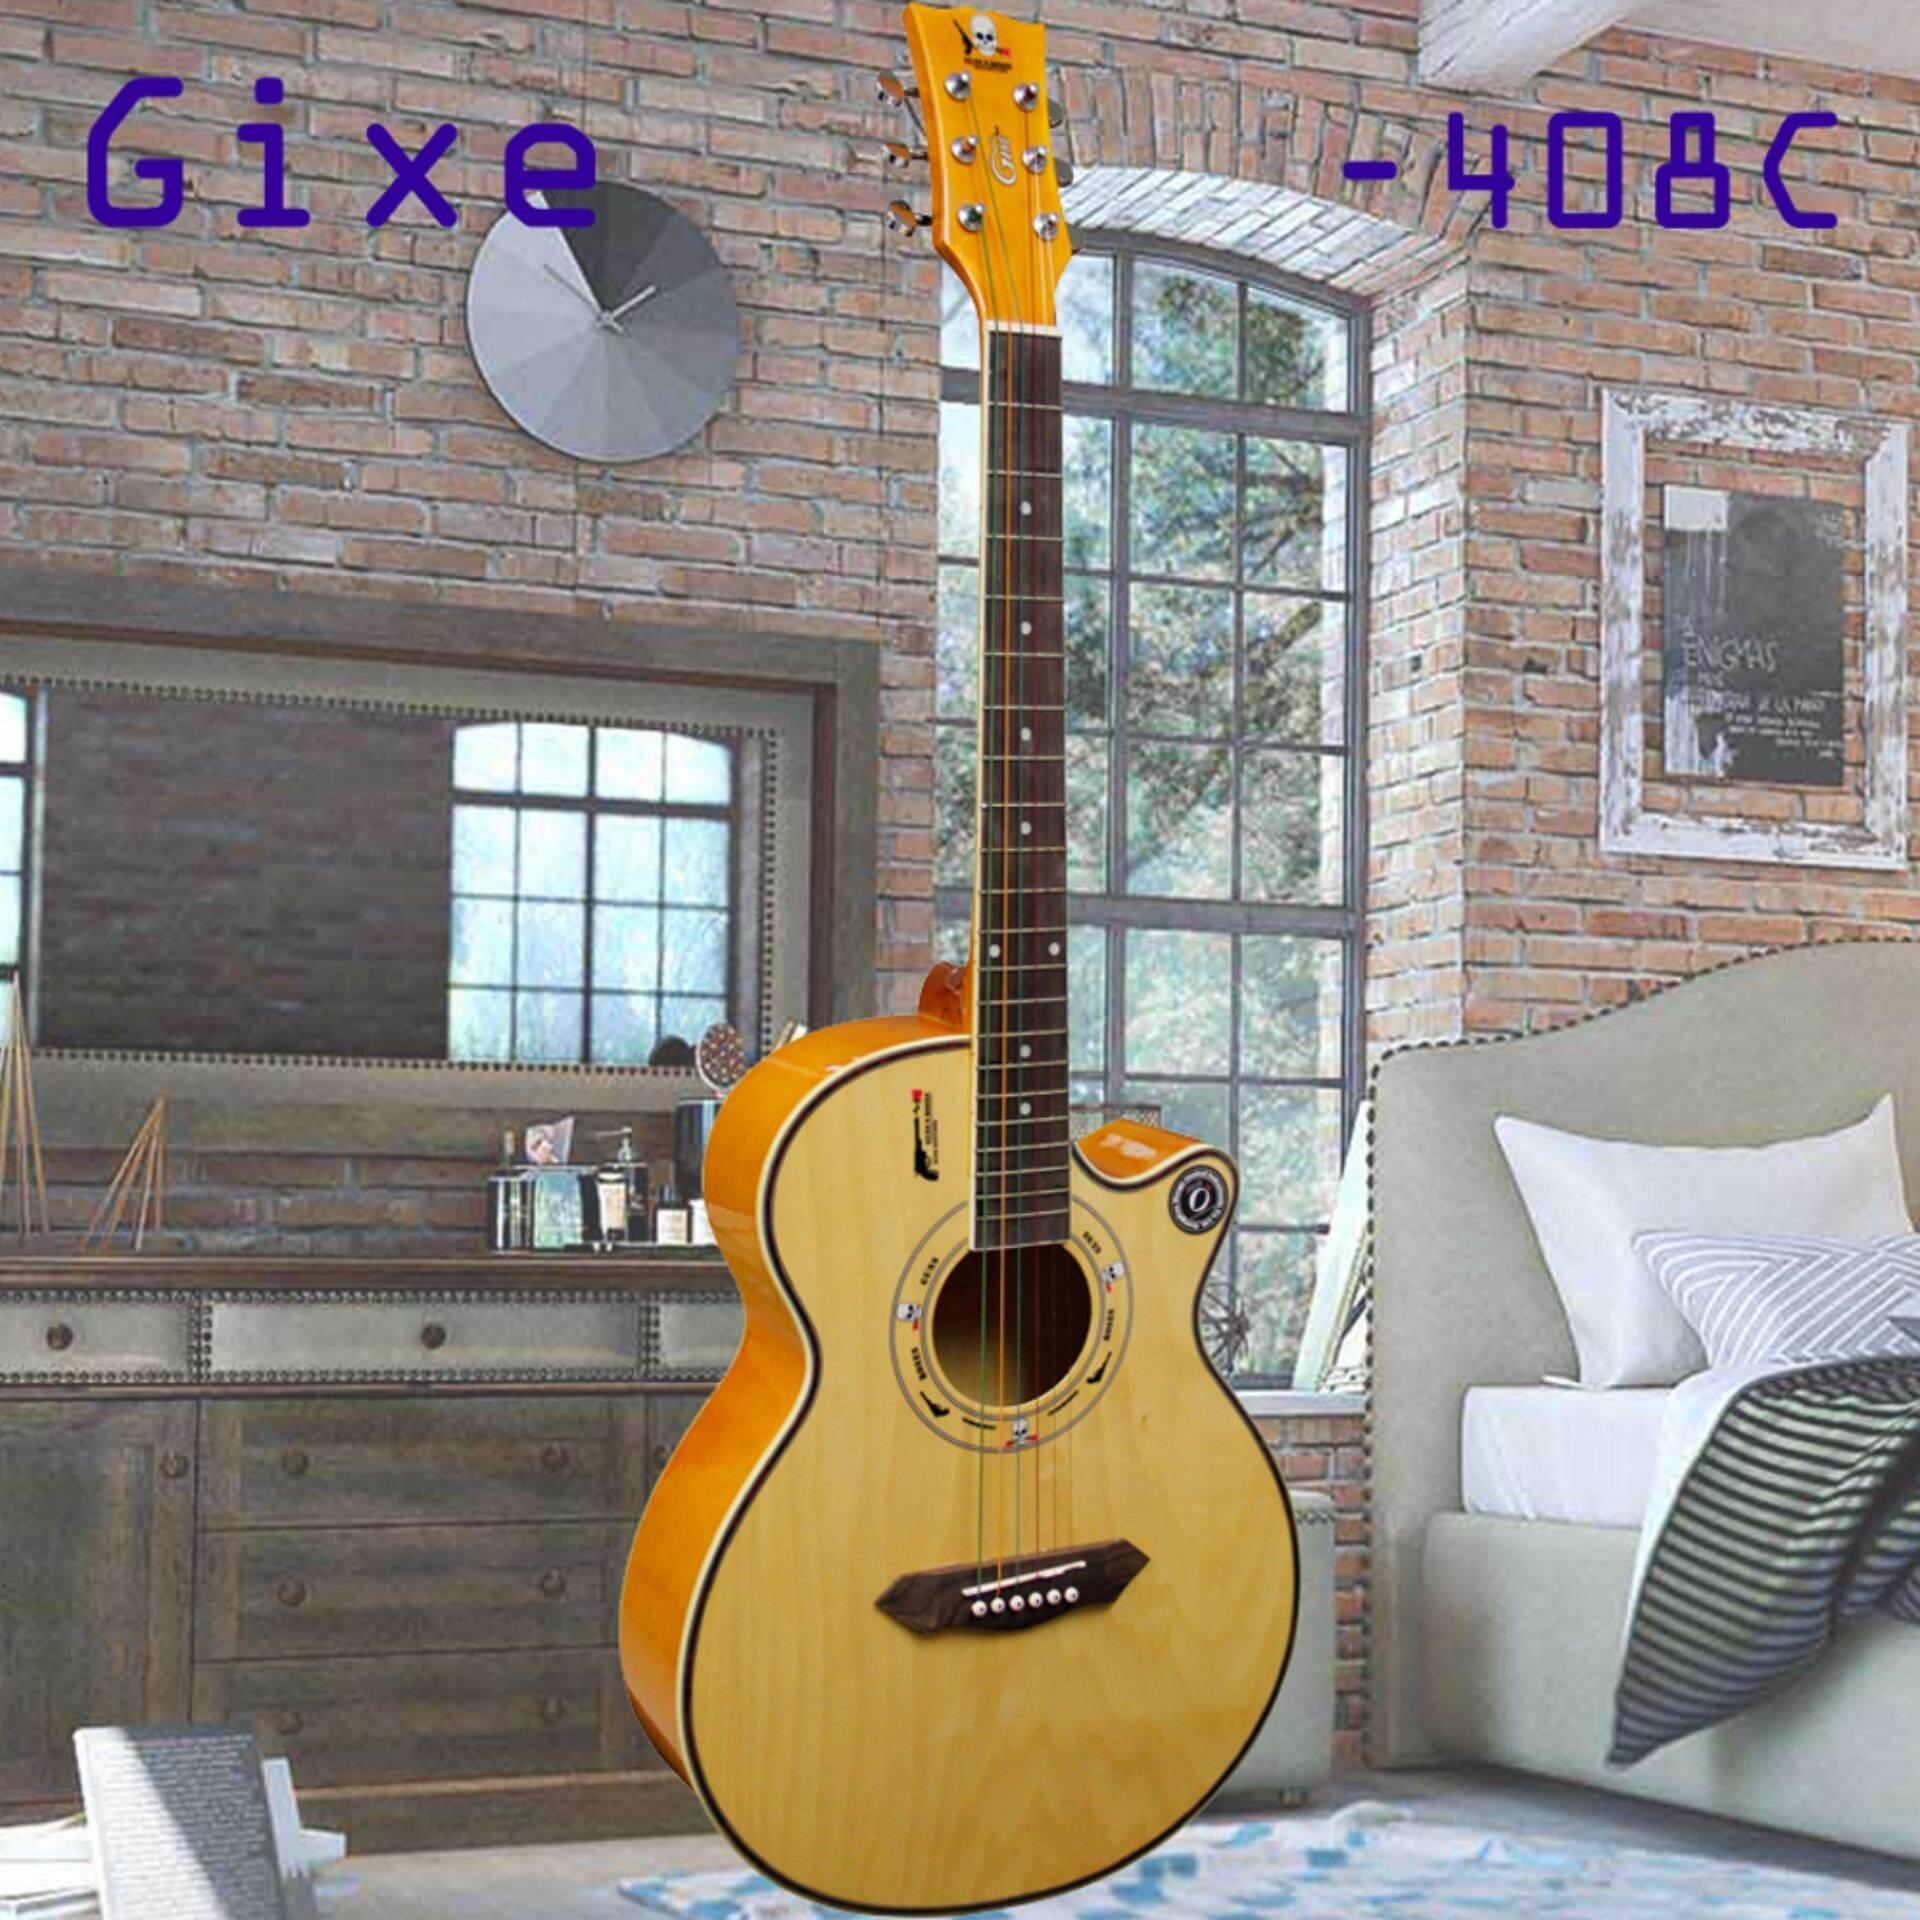 ราคา Gixe กีต้าร์โปร่ง รุ่น G2 Gx408C สีไม้ Gixe เป็นต้นฉบับ